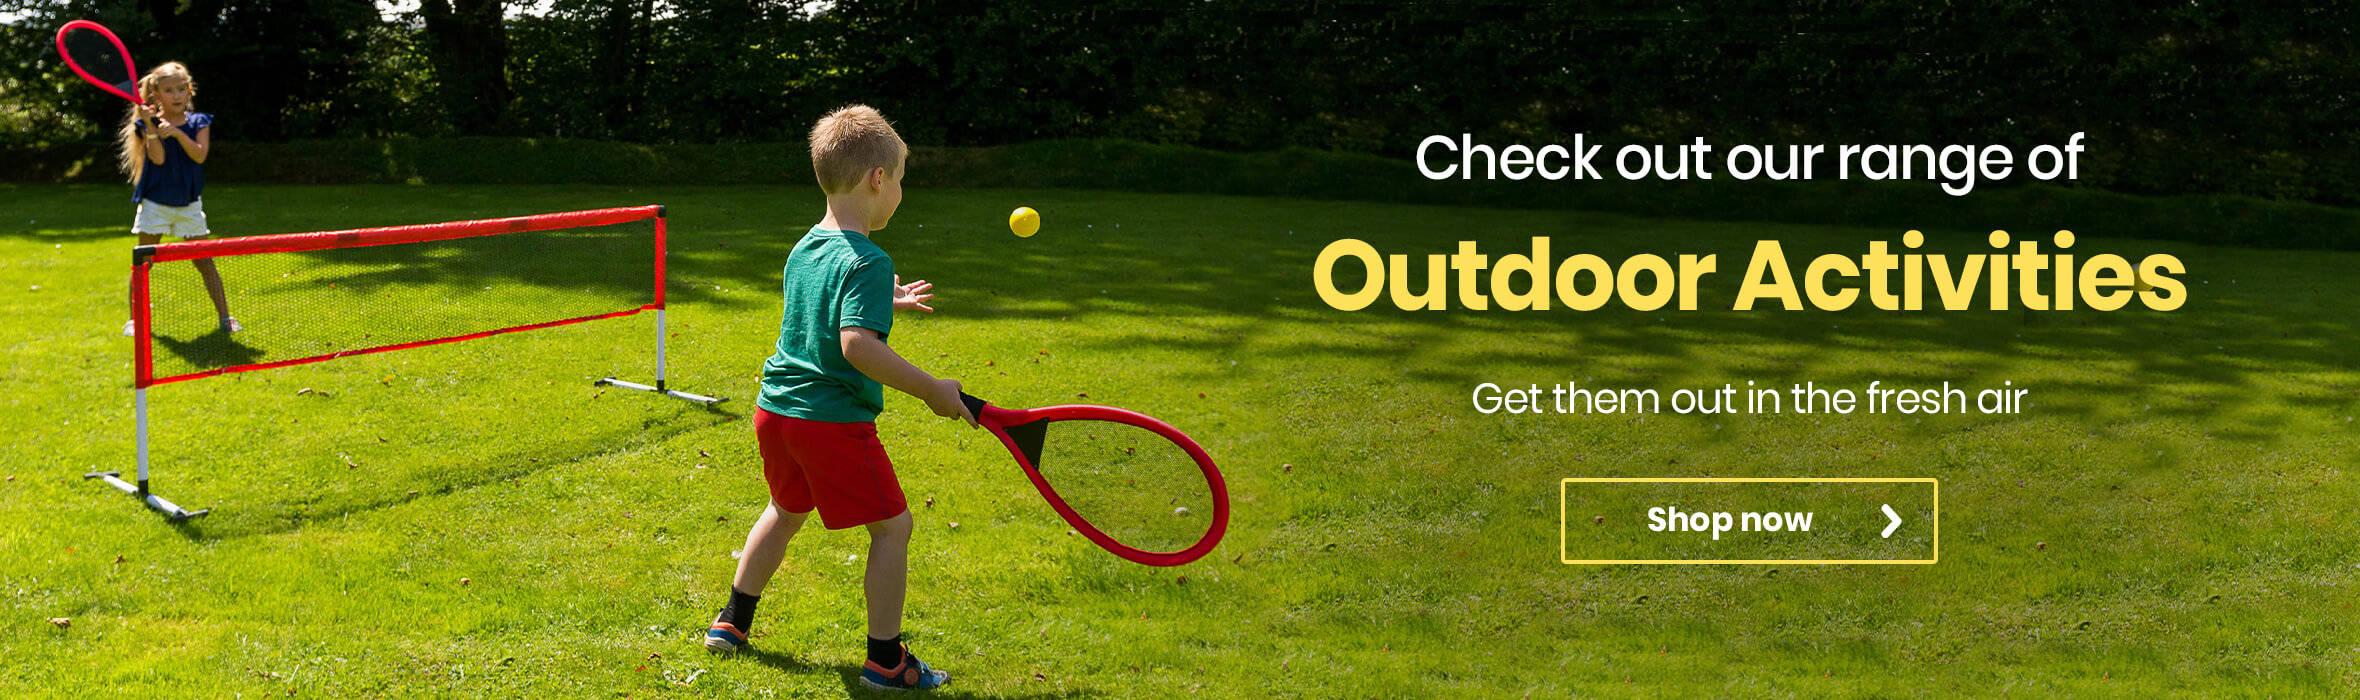 Shop our range of Outdoor Activities!